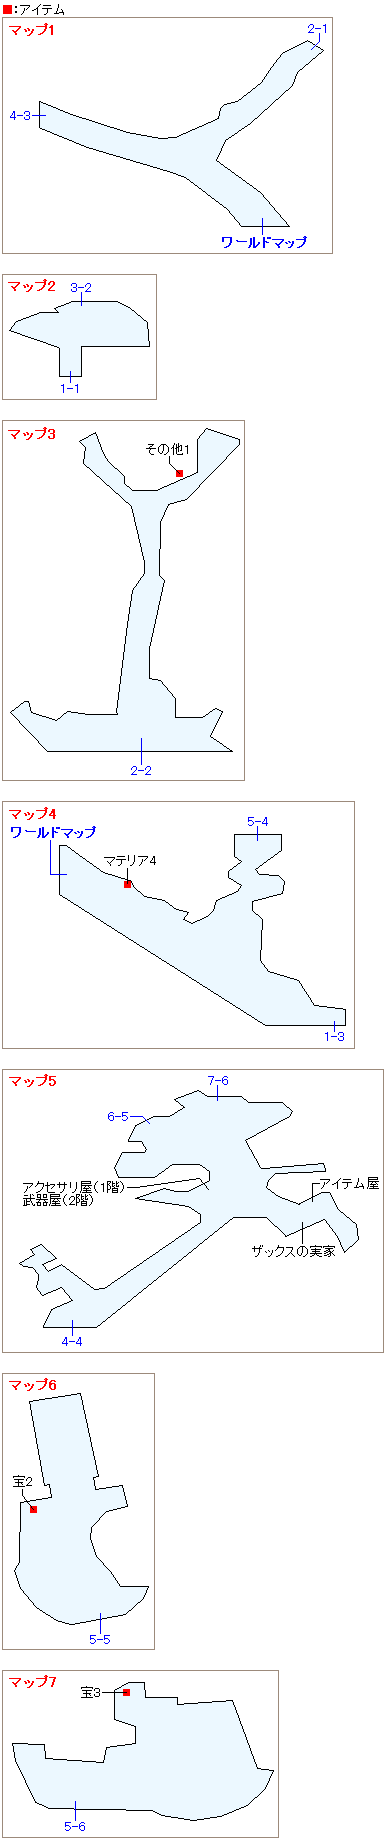 ゴンガガのマップ